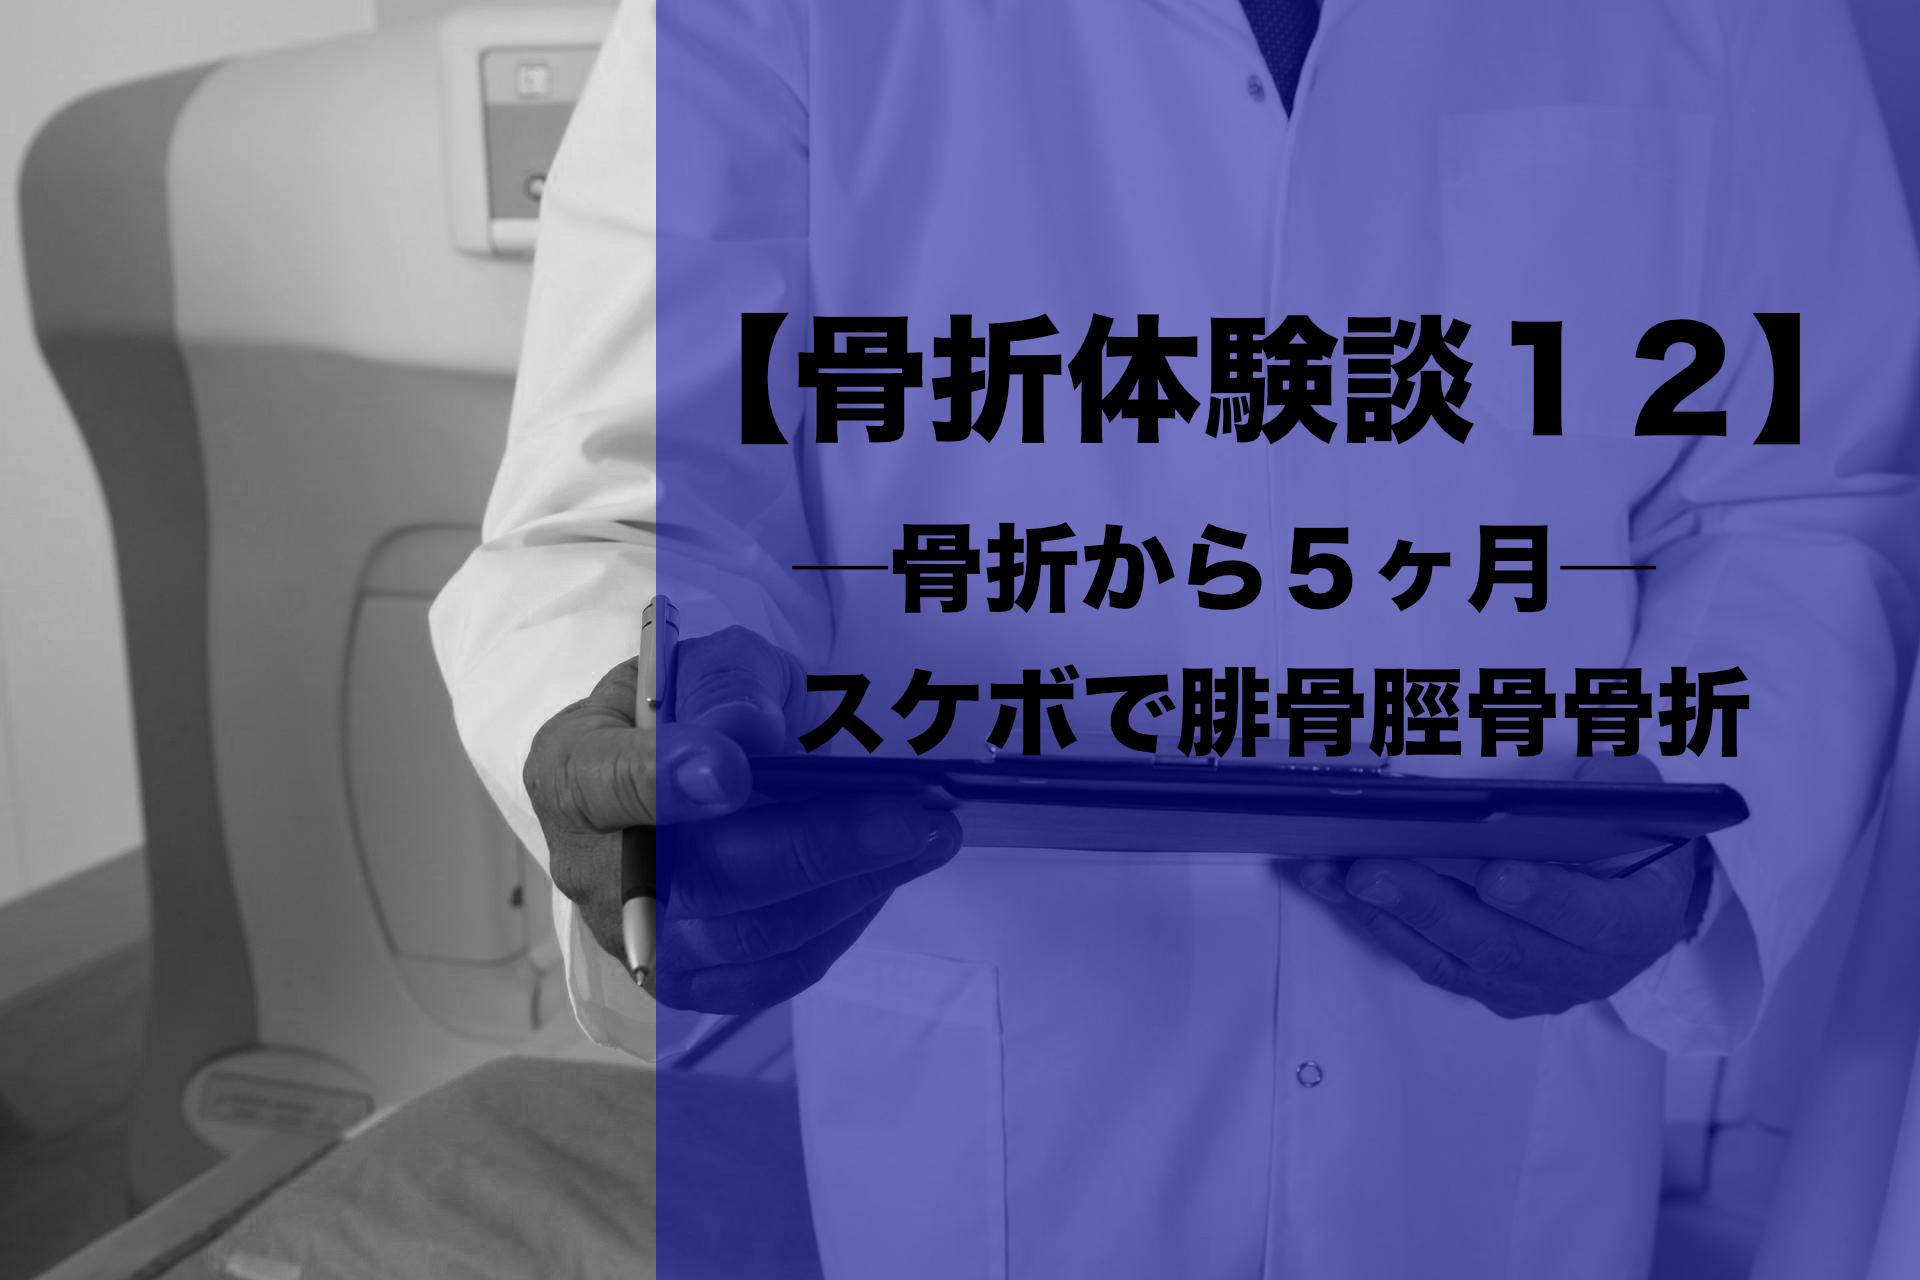 【骨折体験談12】─骨折から5ヶ月─スケボで腓骨脛骨骨折